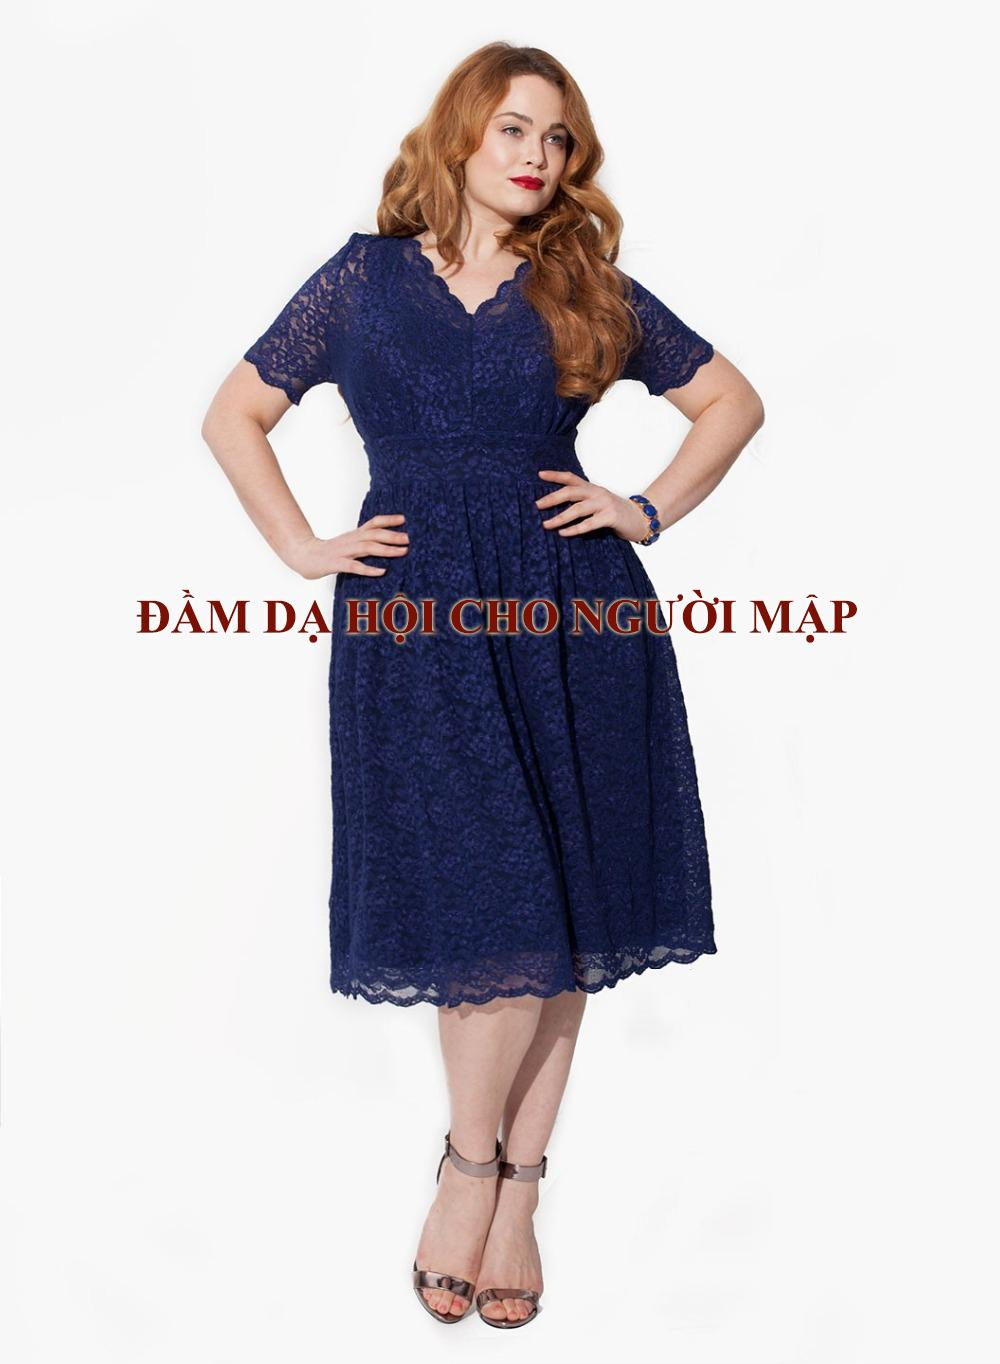 Đầm dạ hội cho người mập